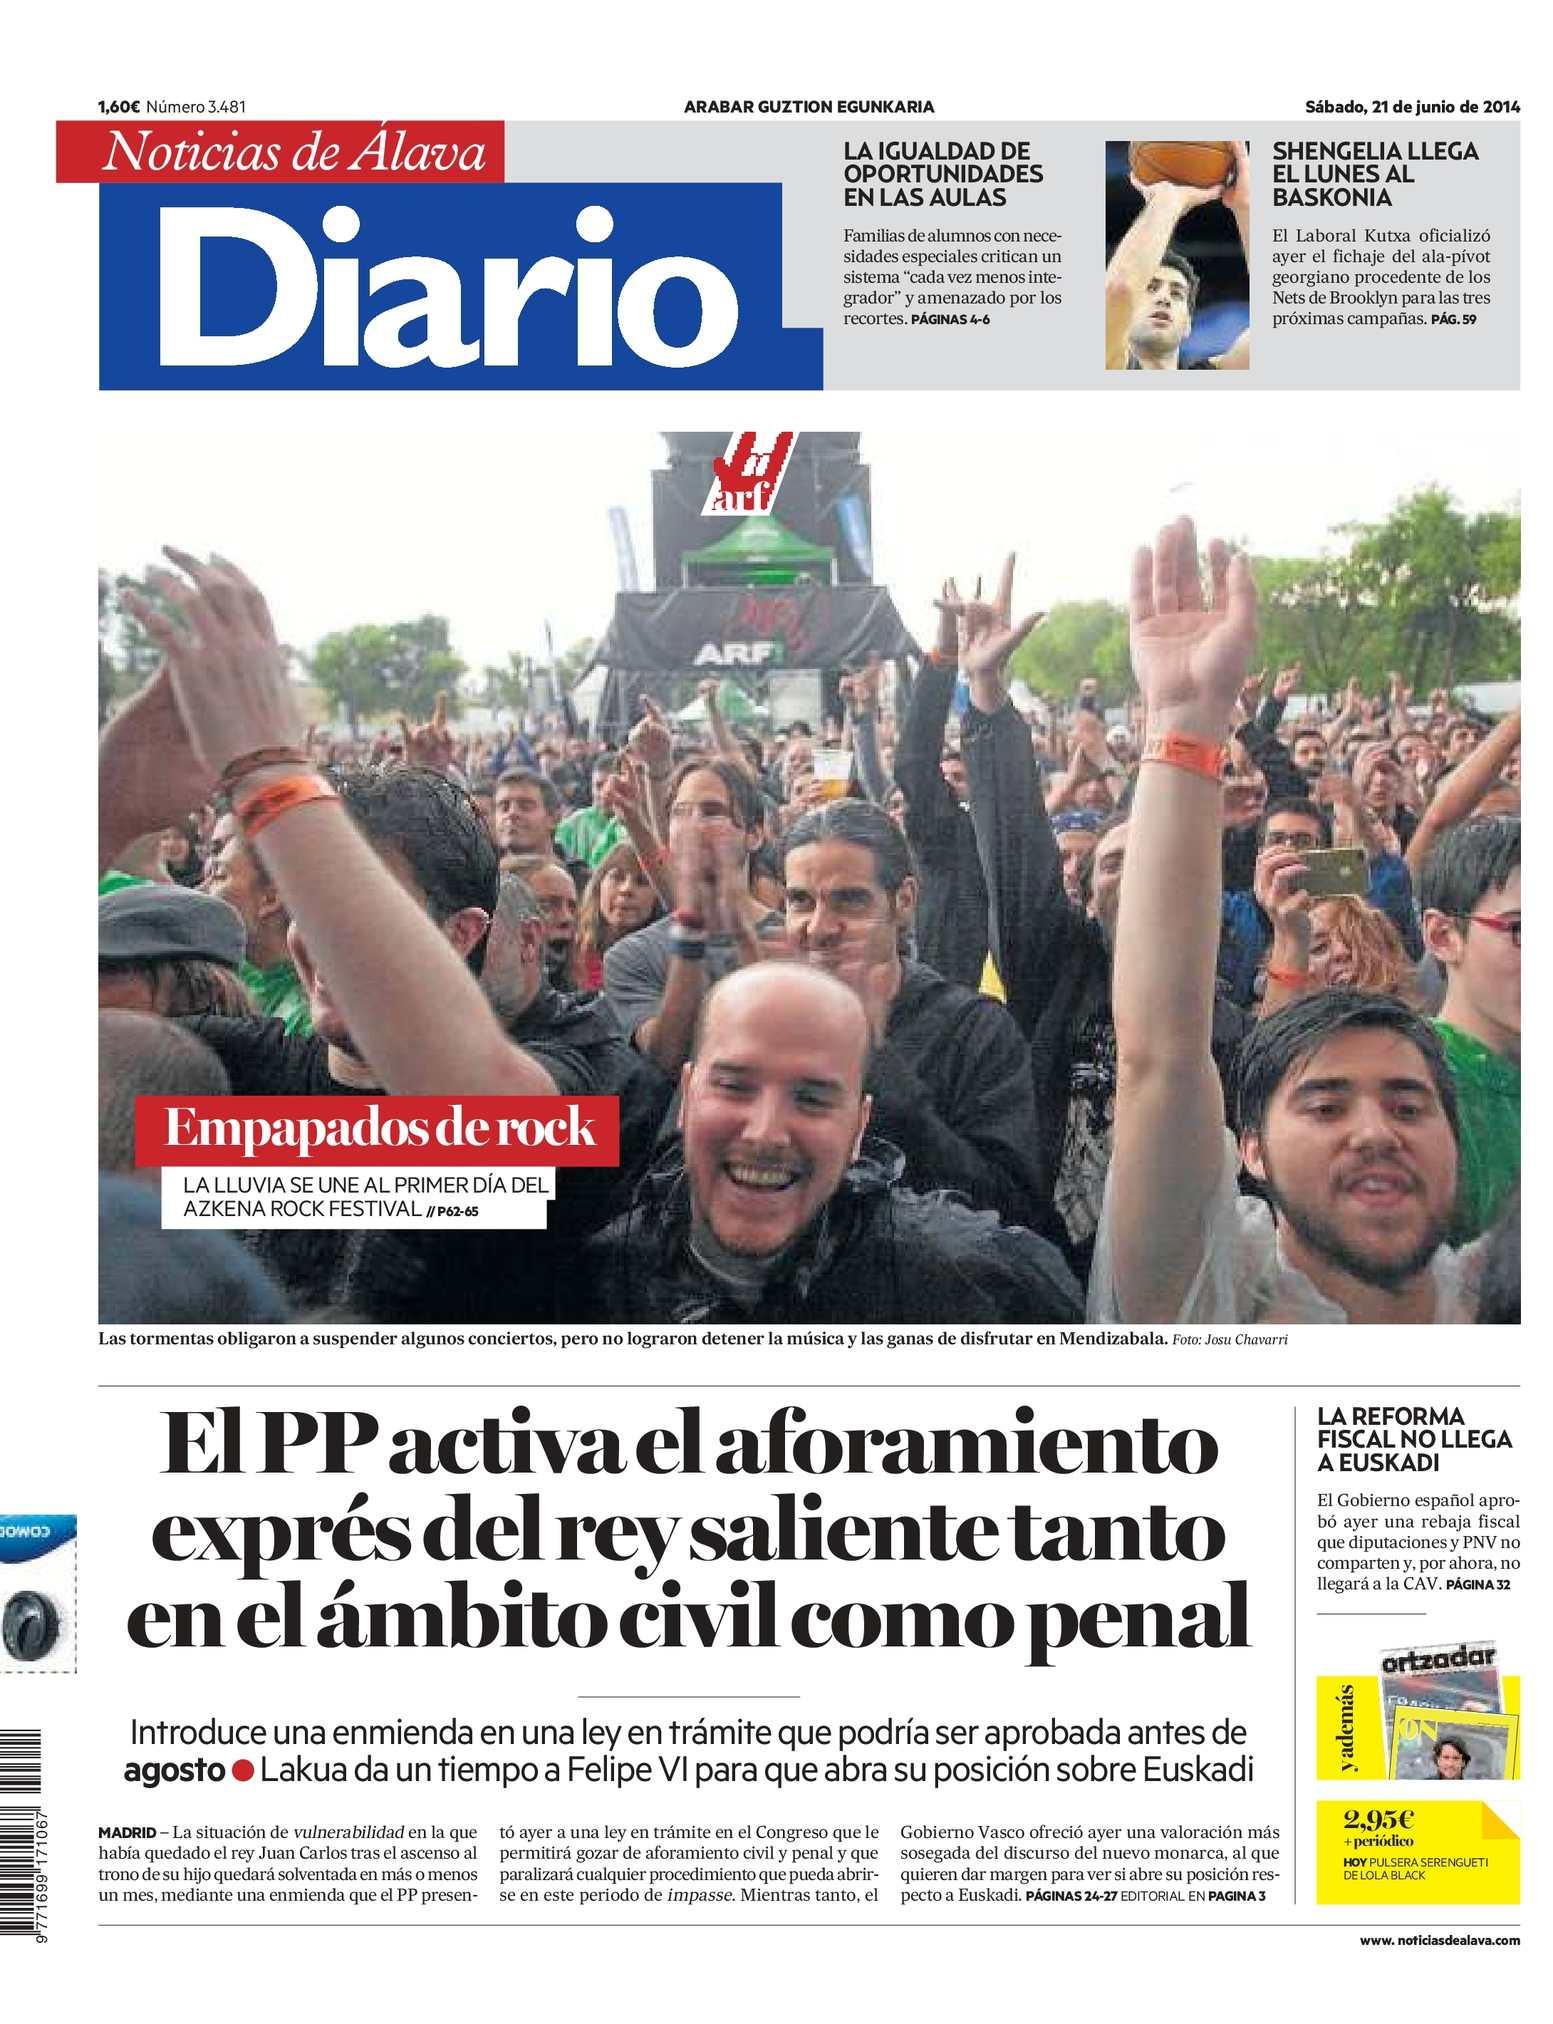 De Álava Diario 20140621 Calaméo Noticias S4Aj3L5cRq